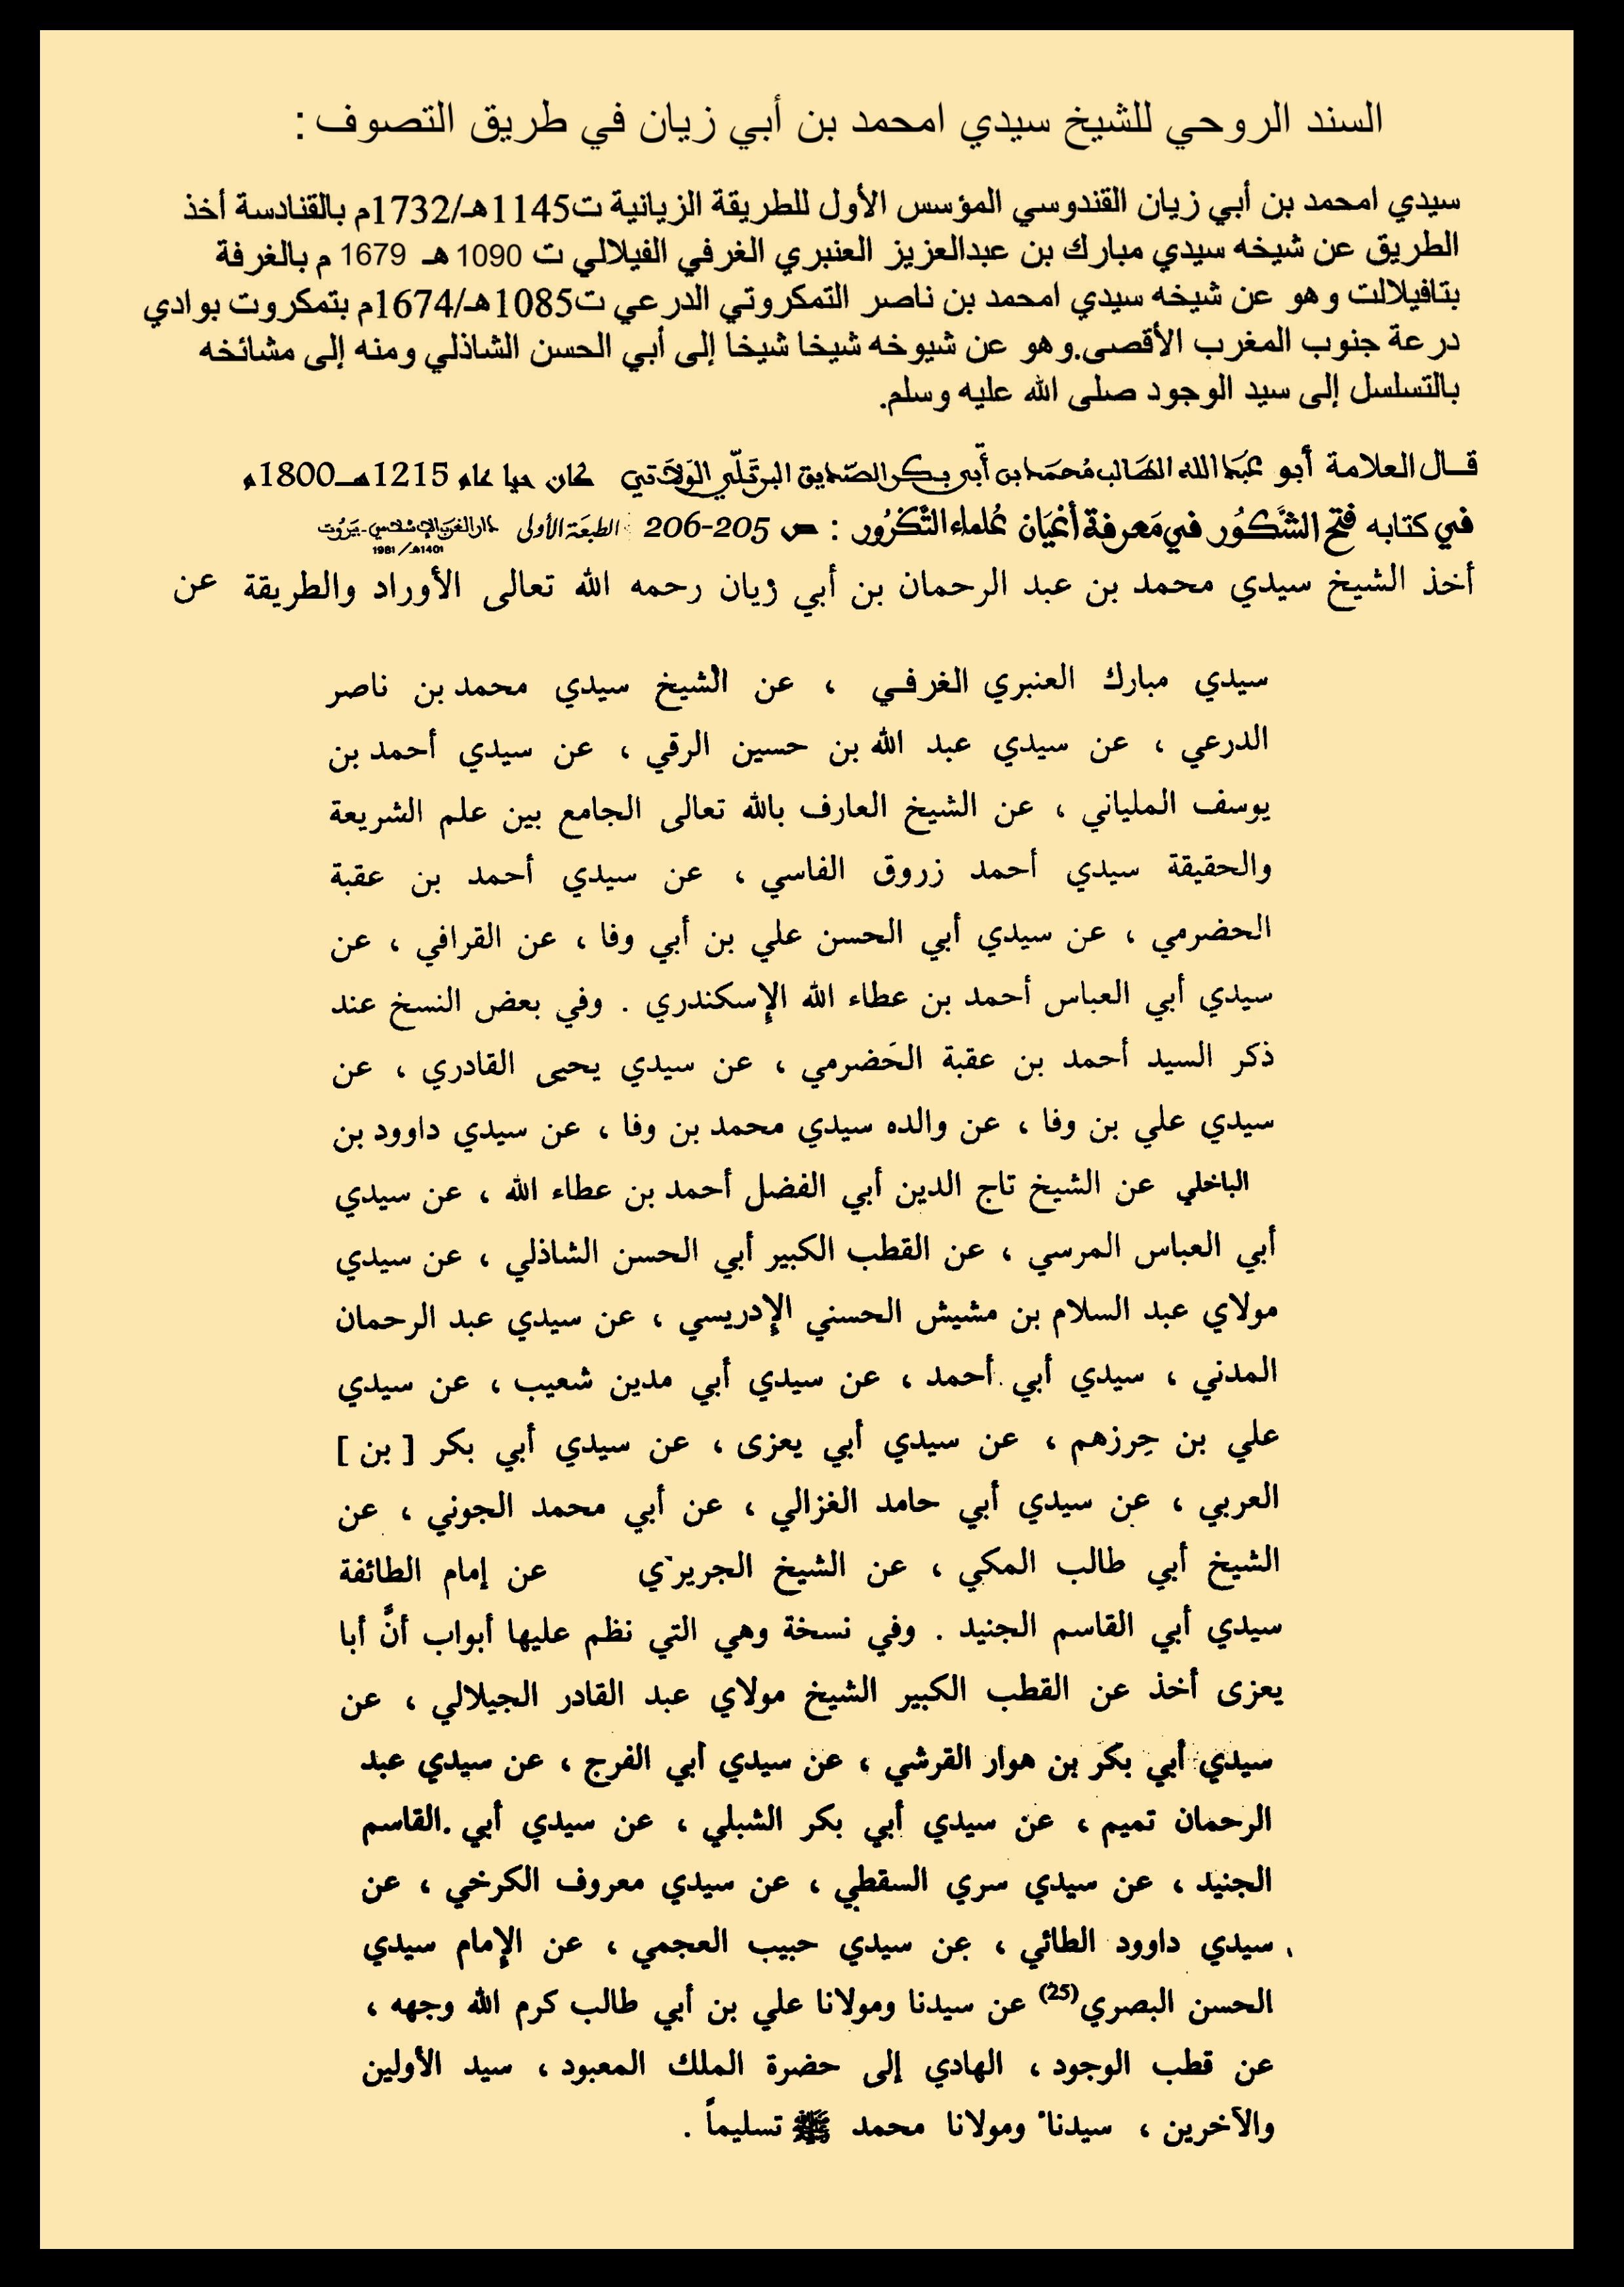 السنذ الروحي ( السلسلة الذهبية ) للشيخ سيدي امحمد ابن ابي زيان القندوسي الحسني